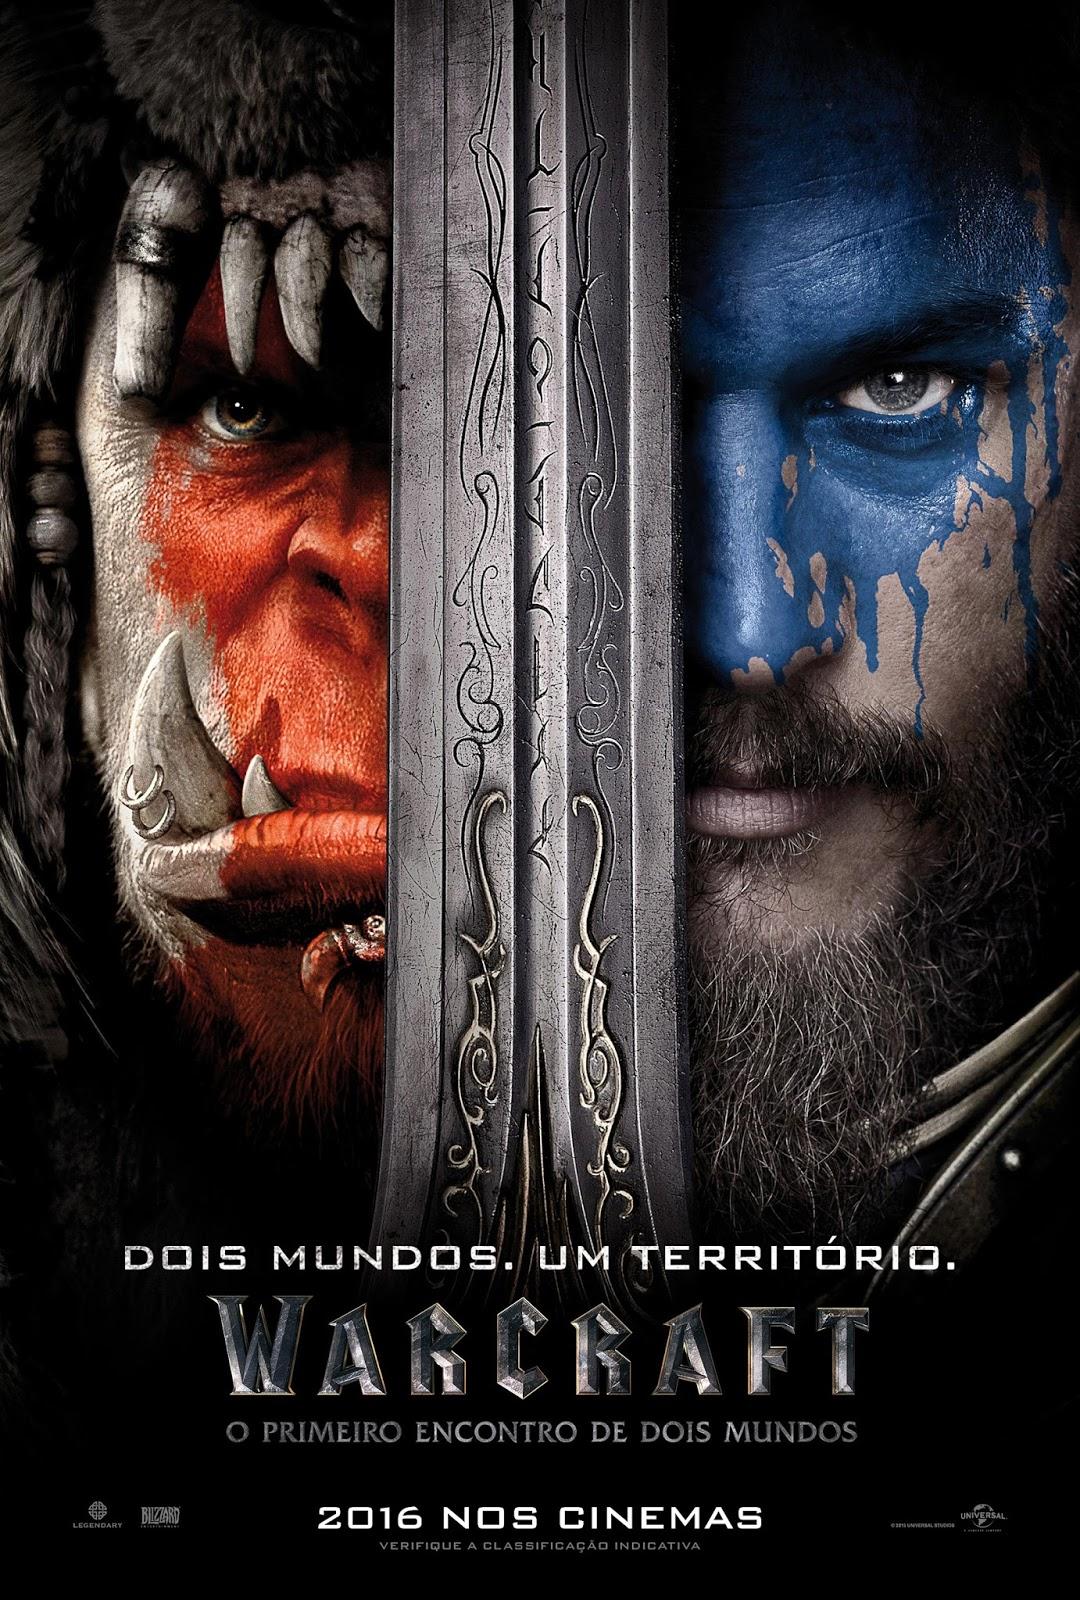 Warcraft: O Primeiro Encontro de Dois Mundos - Dublado